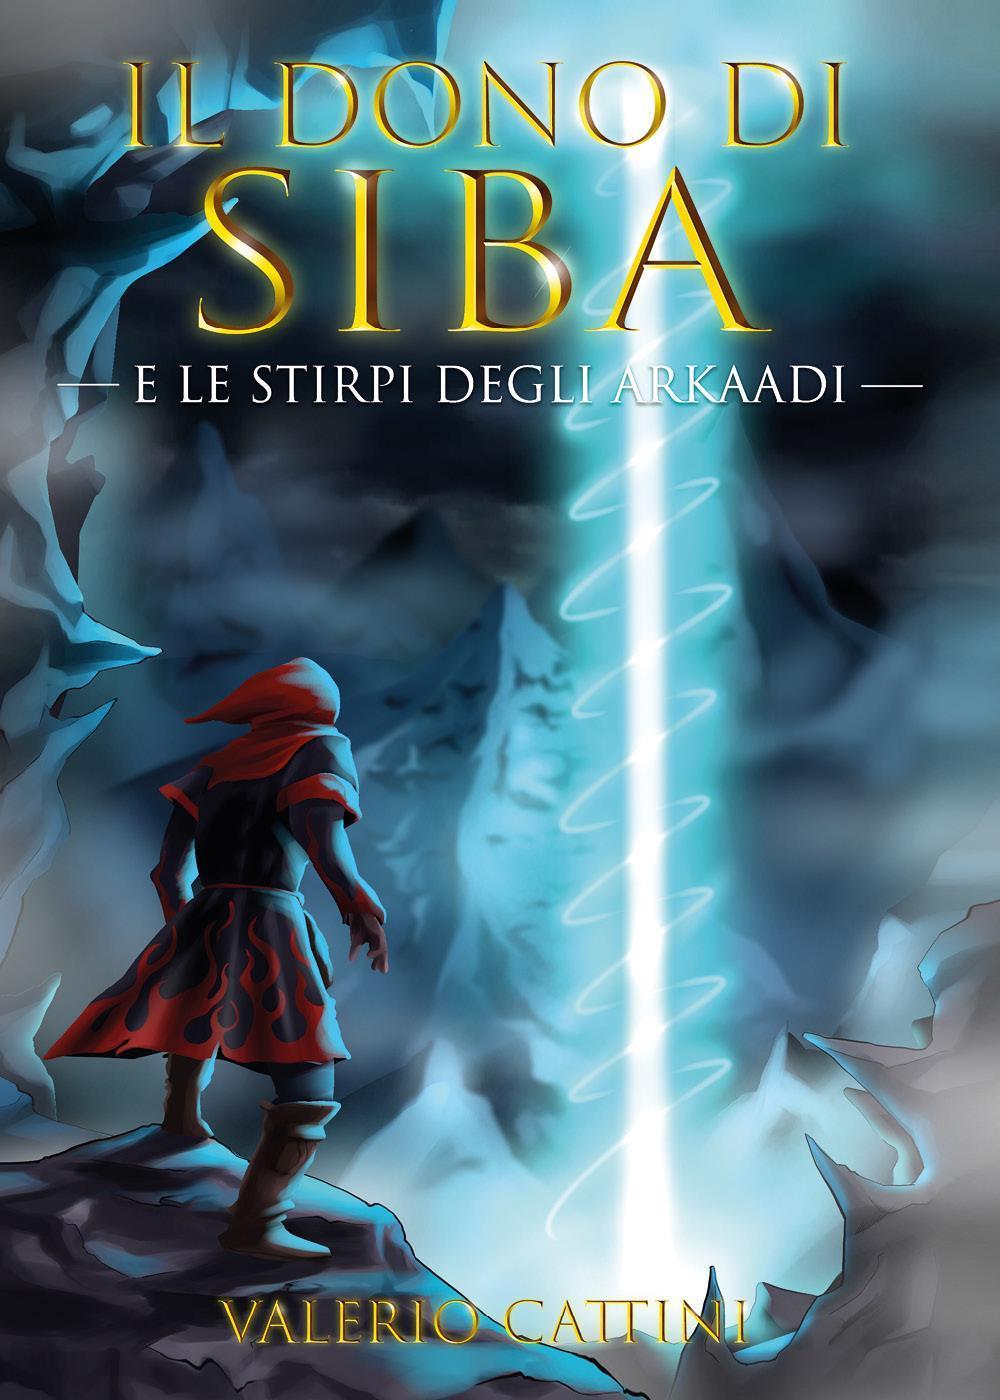 Il dono di Siba e le stirpi degli Arkaadi